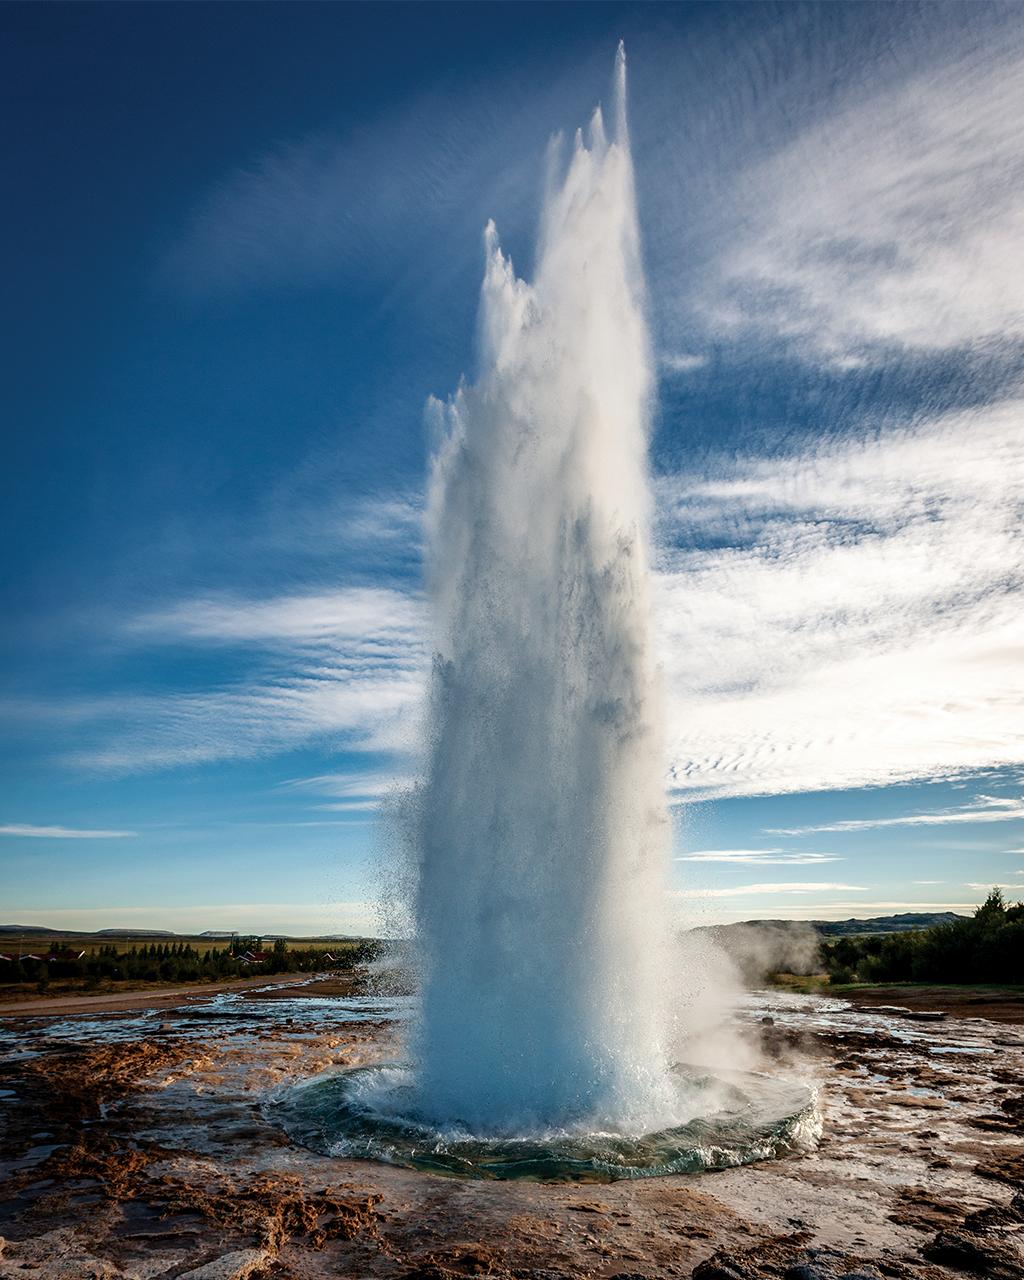 Os gêiseres se formam quando a água de lençóis freáticos ferve em contato com o magma no subsolo.